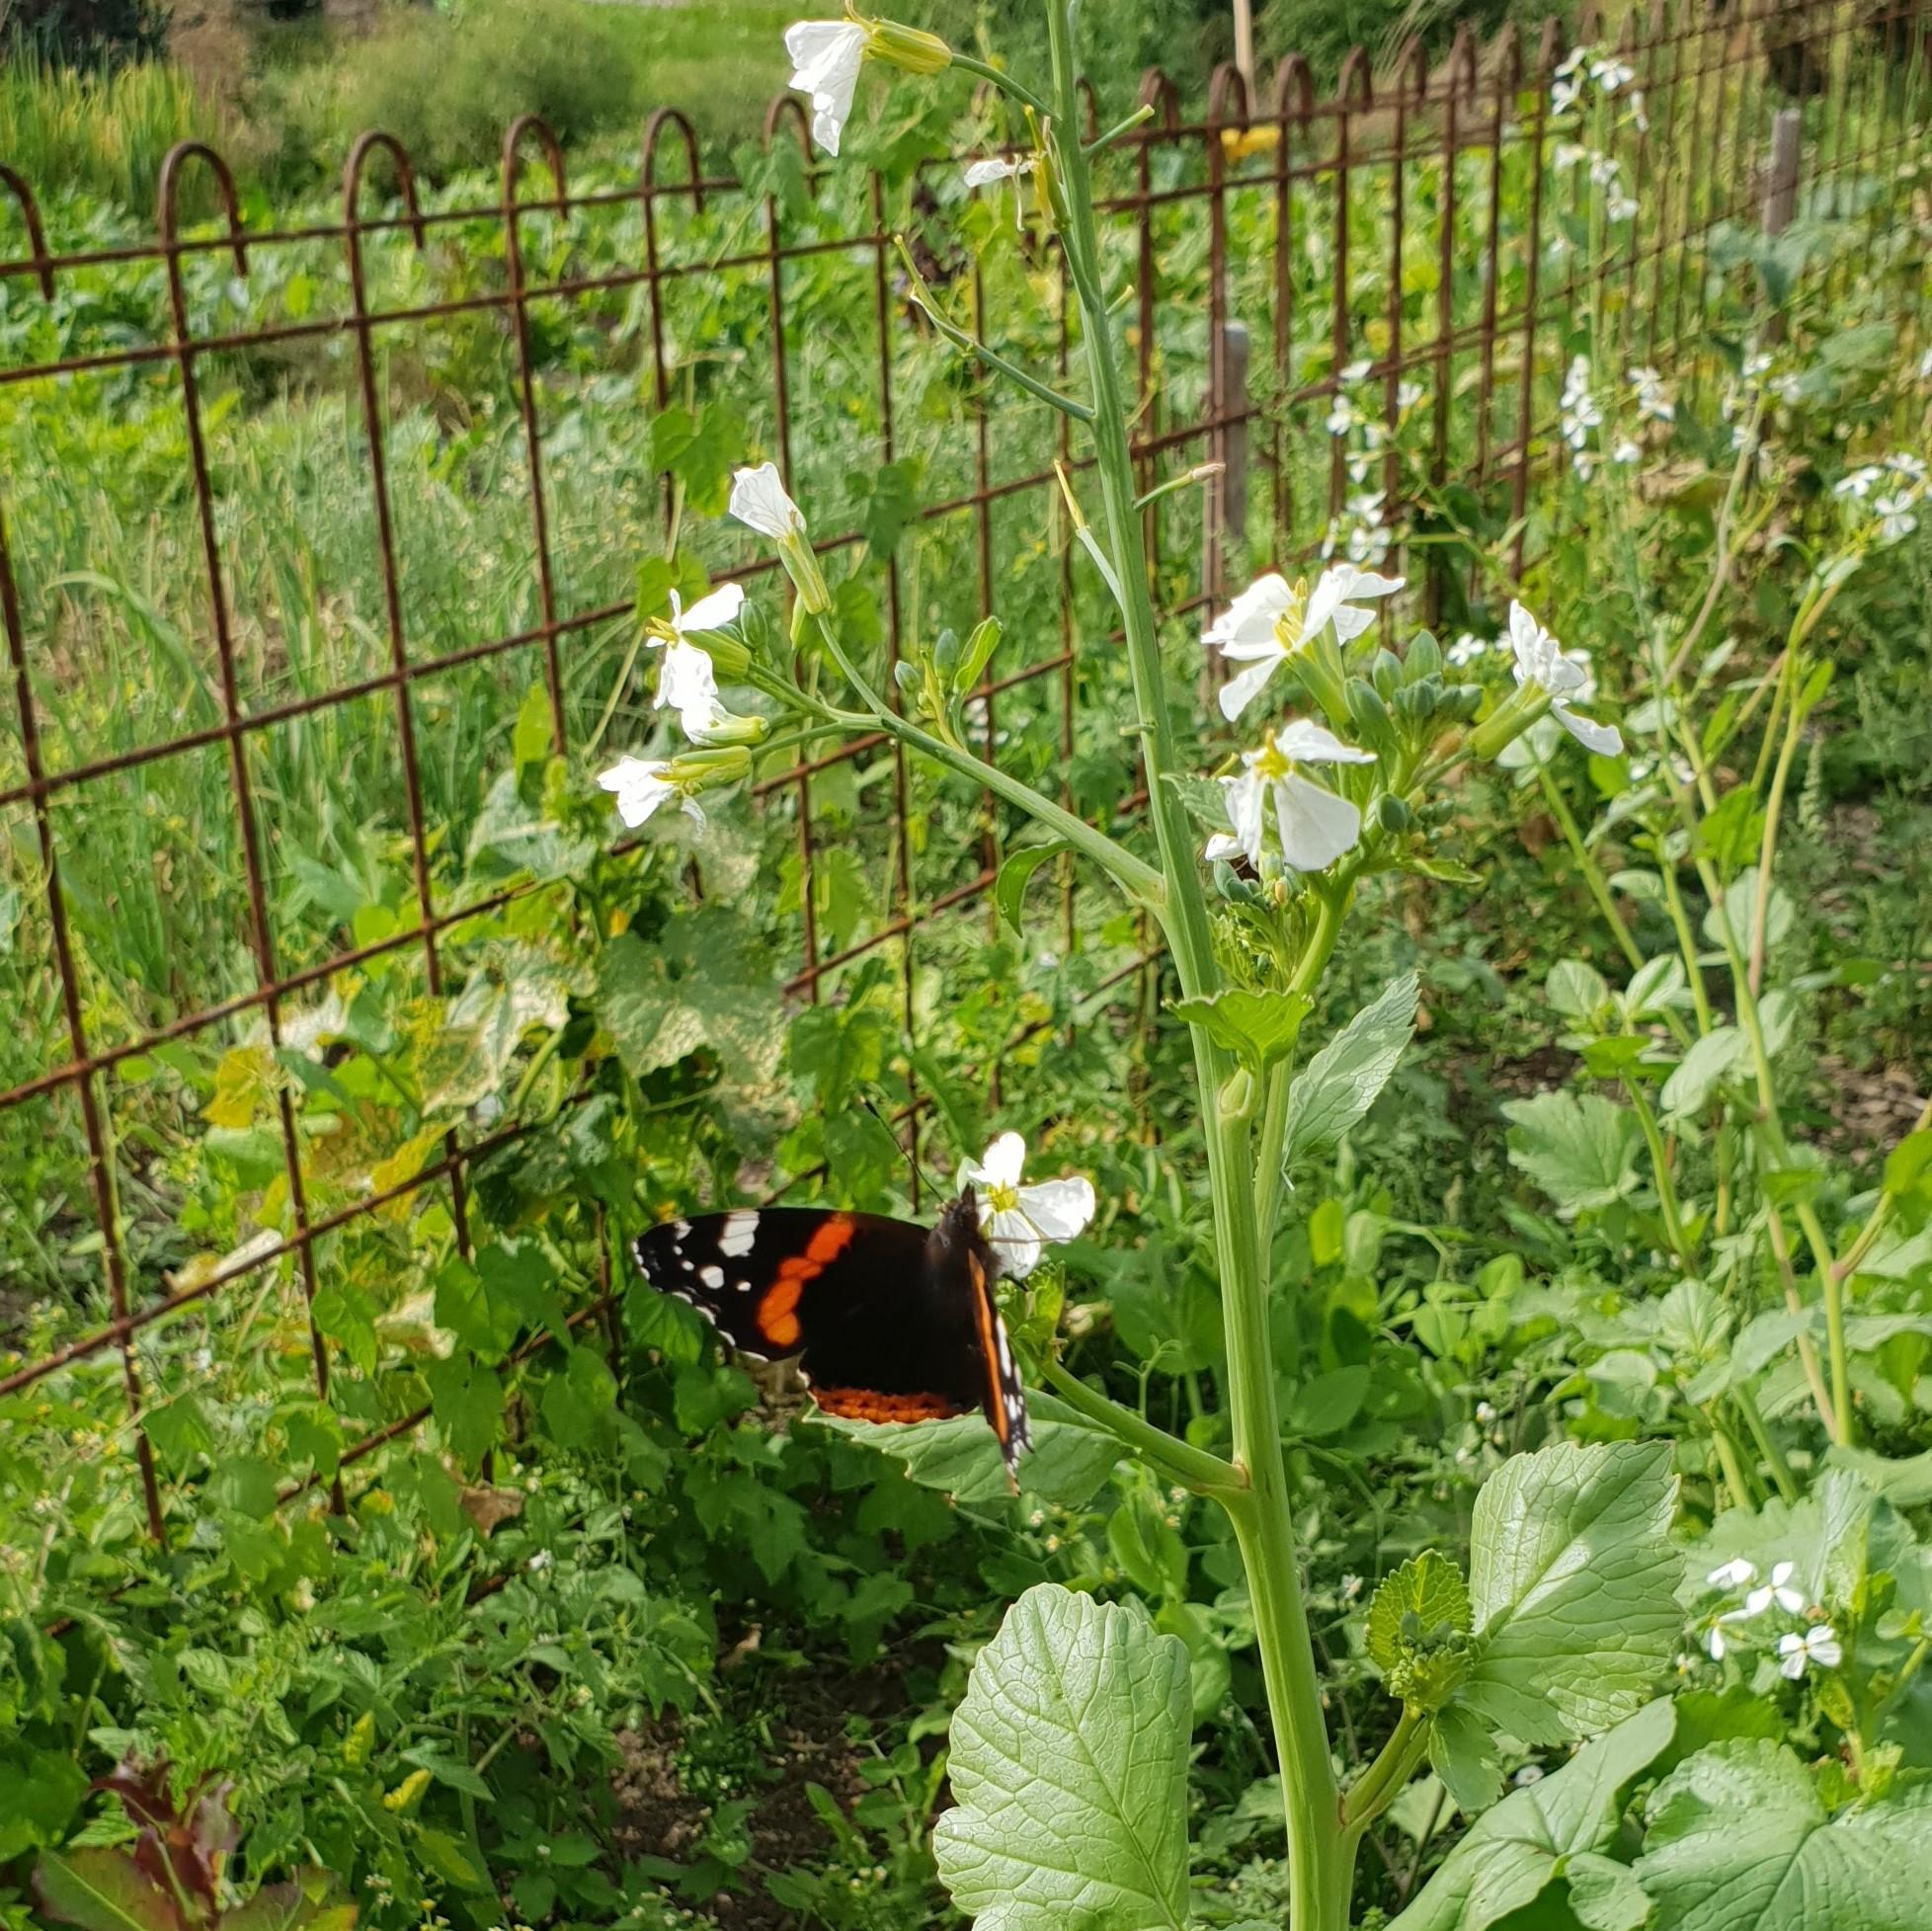 Die Vielfalt an Schmetterlinge ist auch auffällig gestiegen.